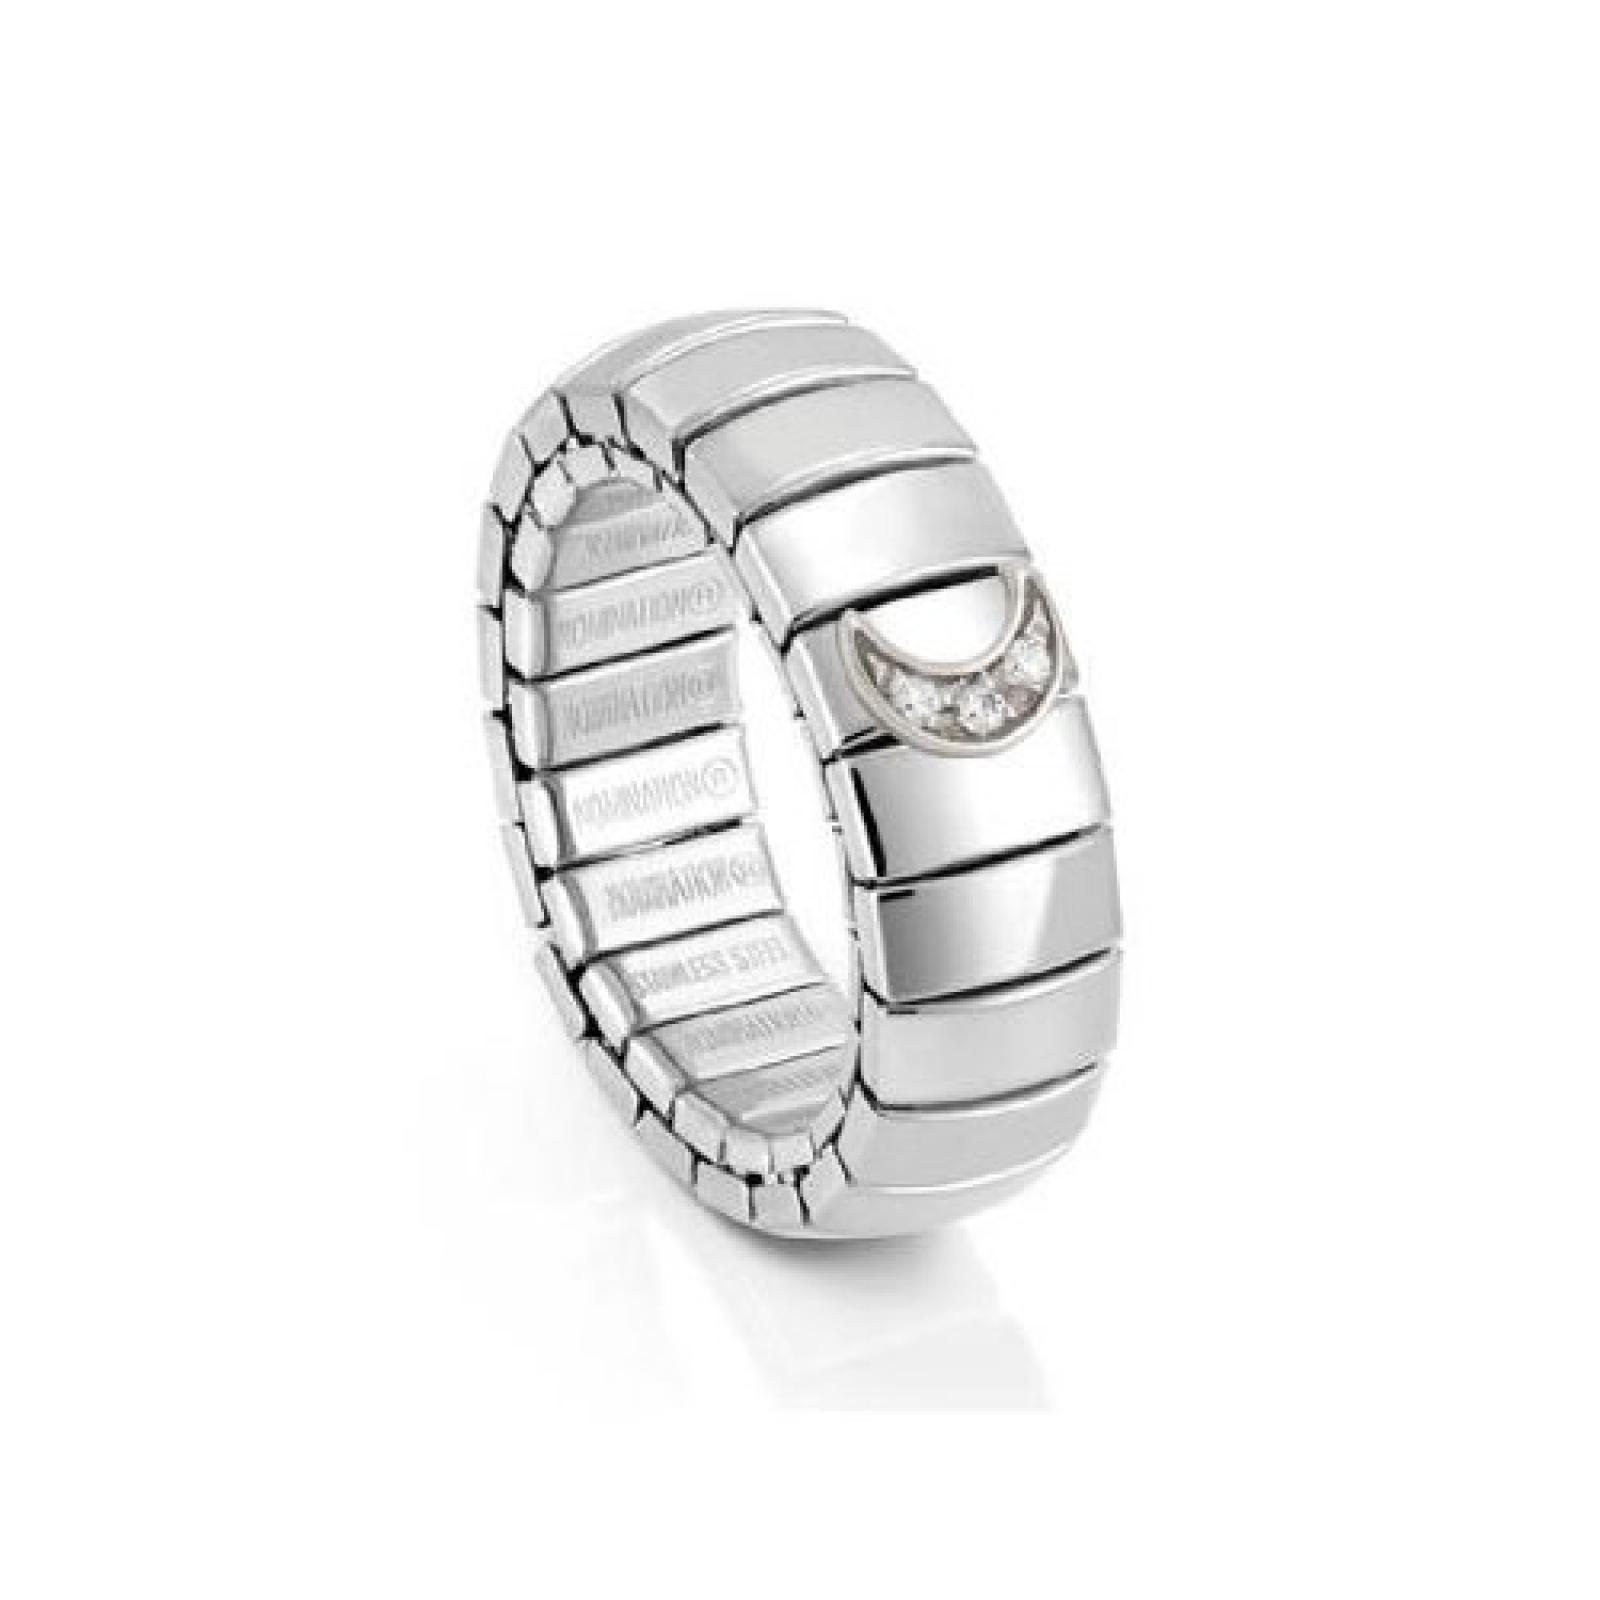 Nomination XTE Ringe (Mond) 043500-008